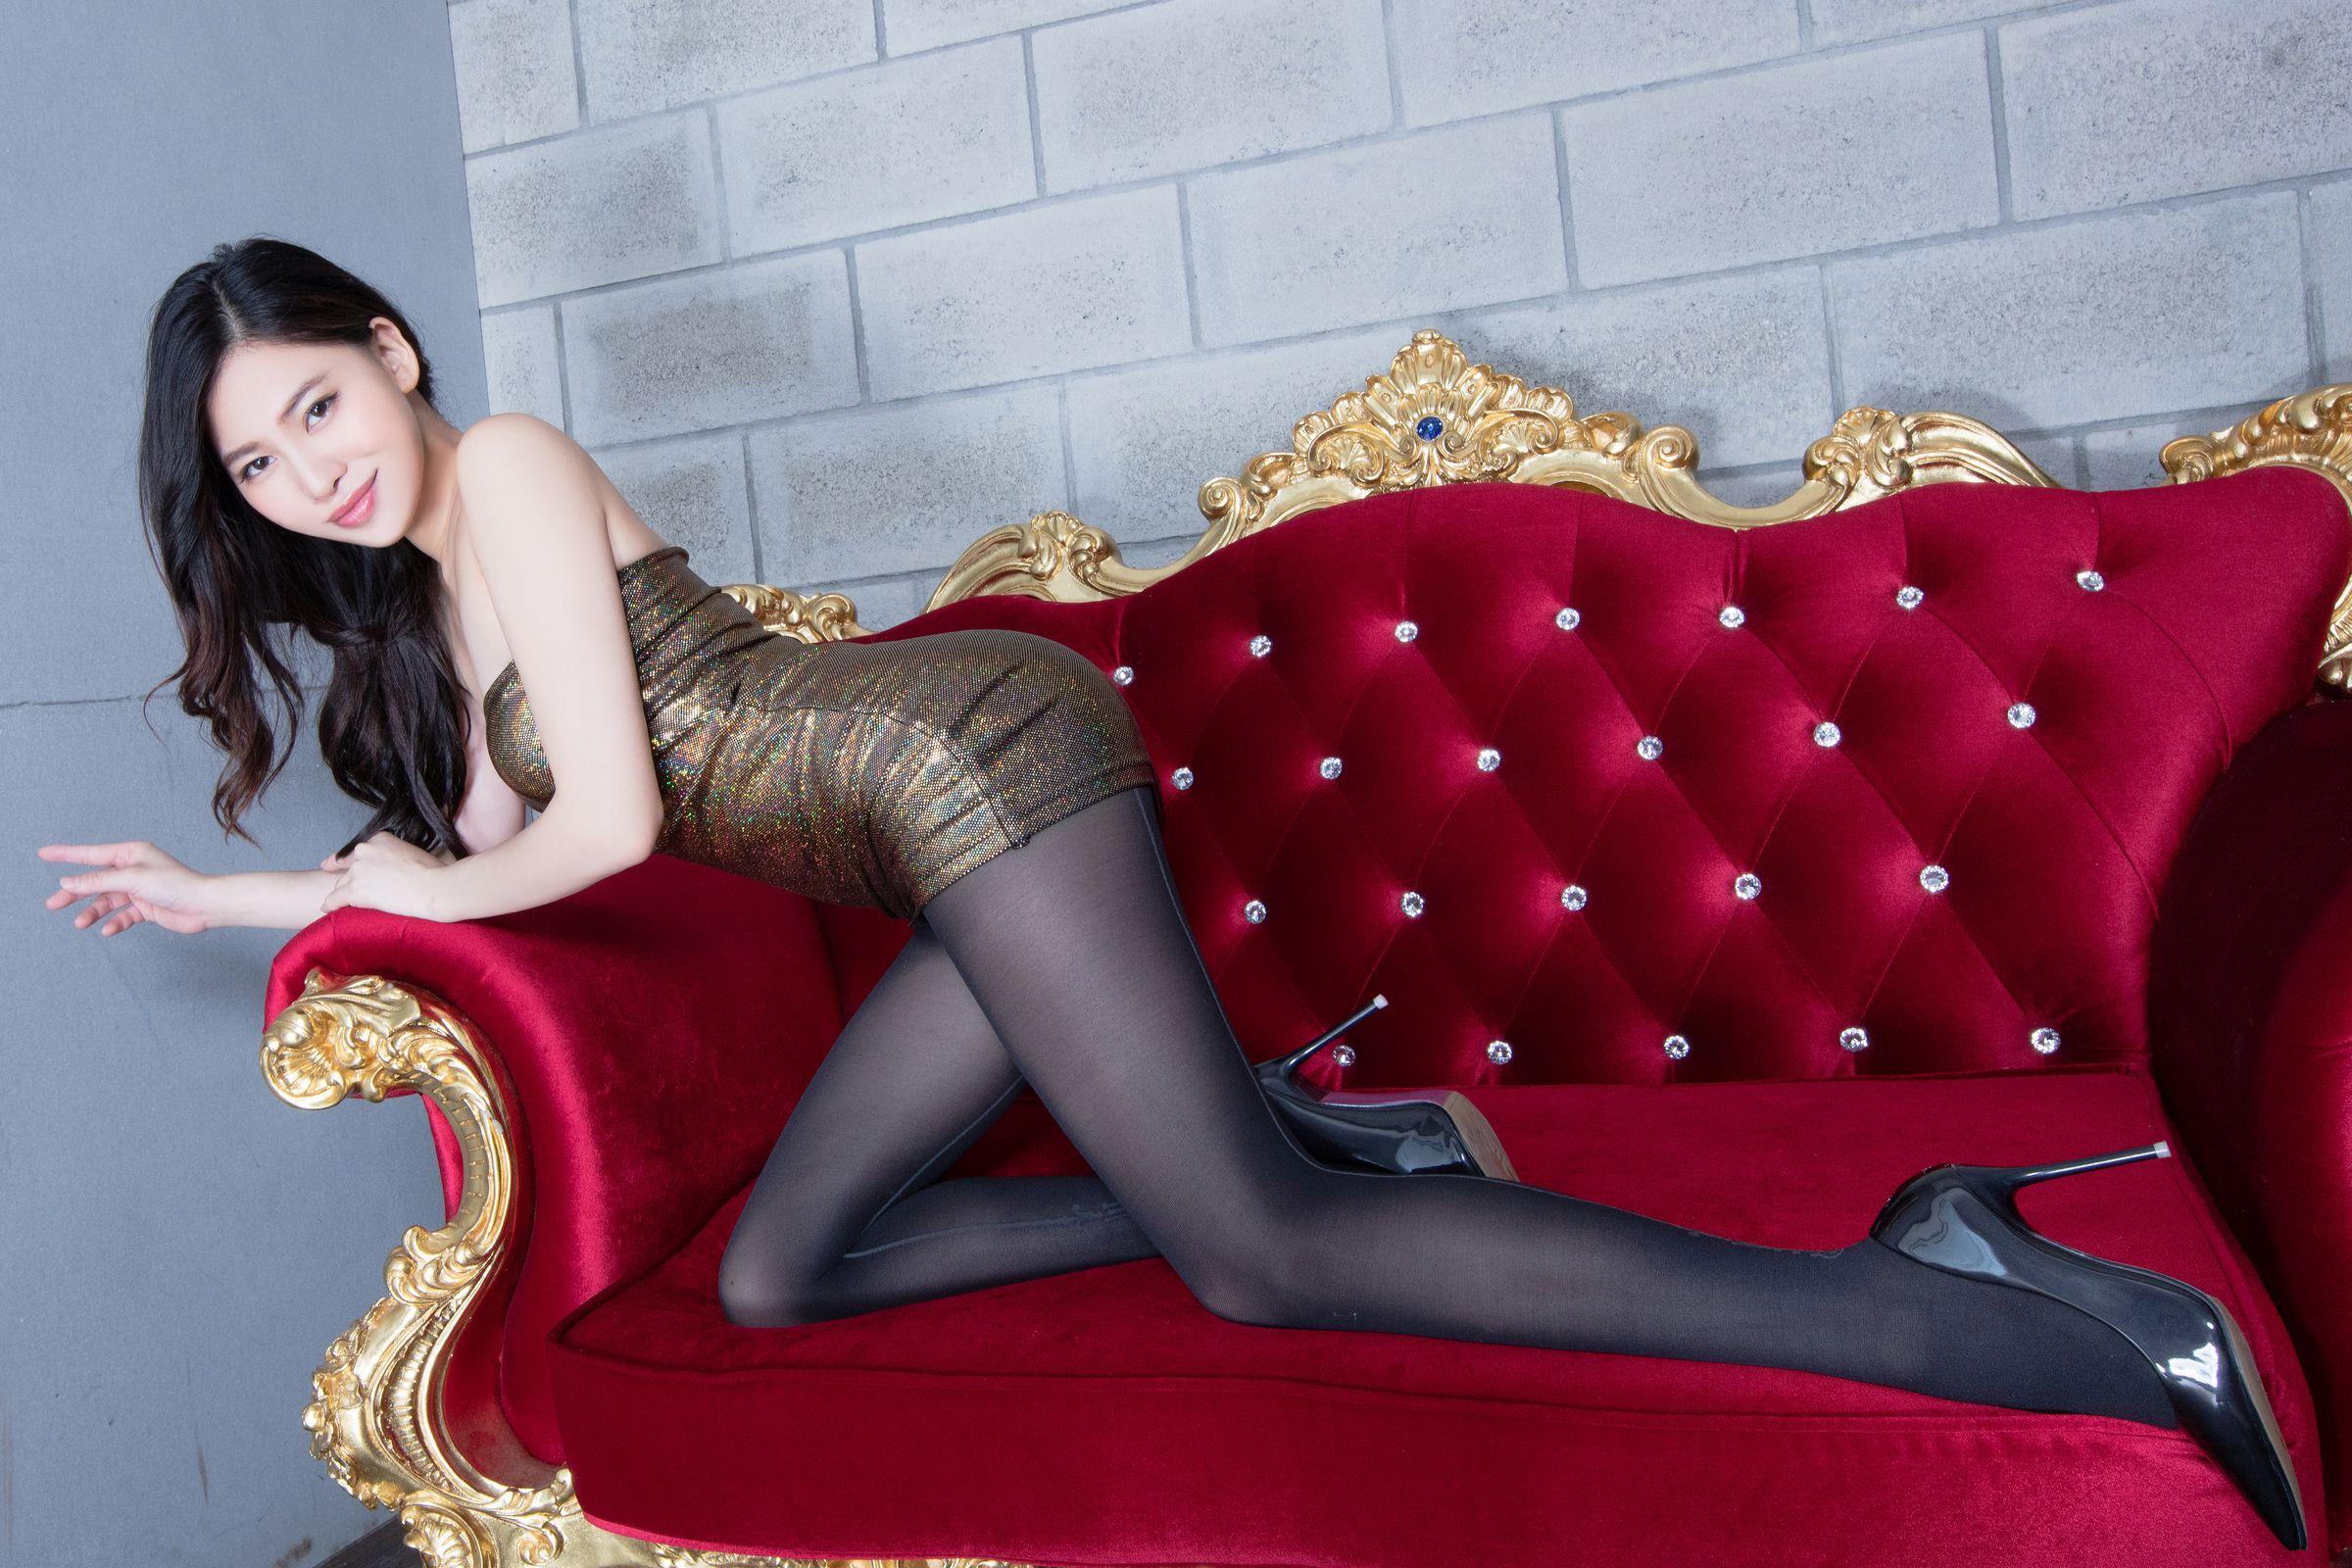 美女美腿秀Lynn1 - 花開有聲 - 花開有聲